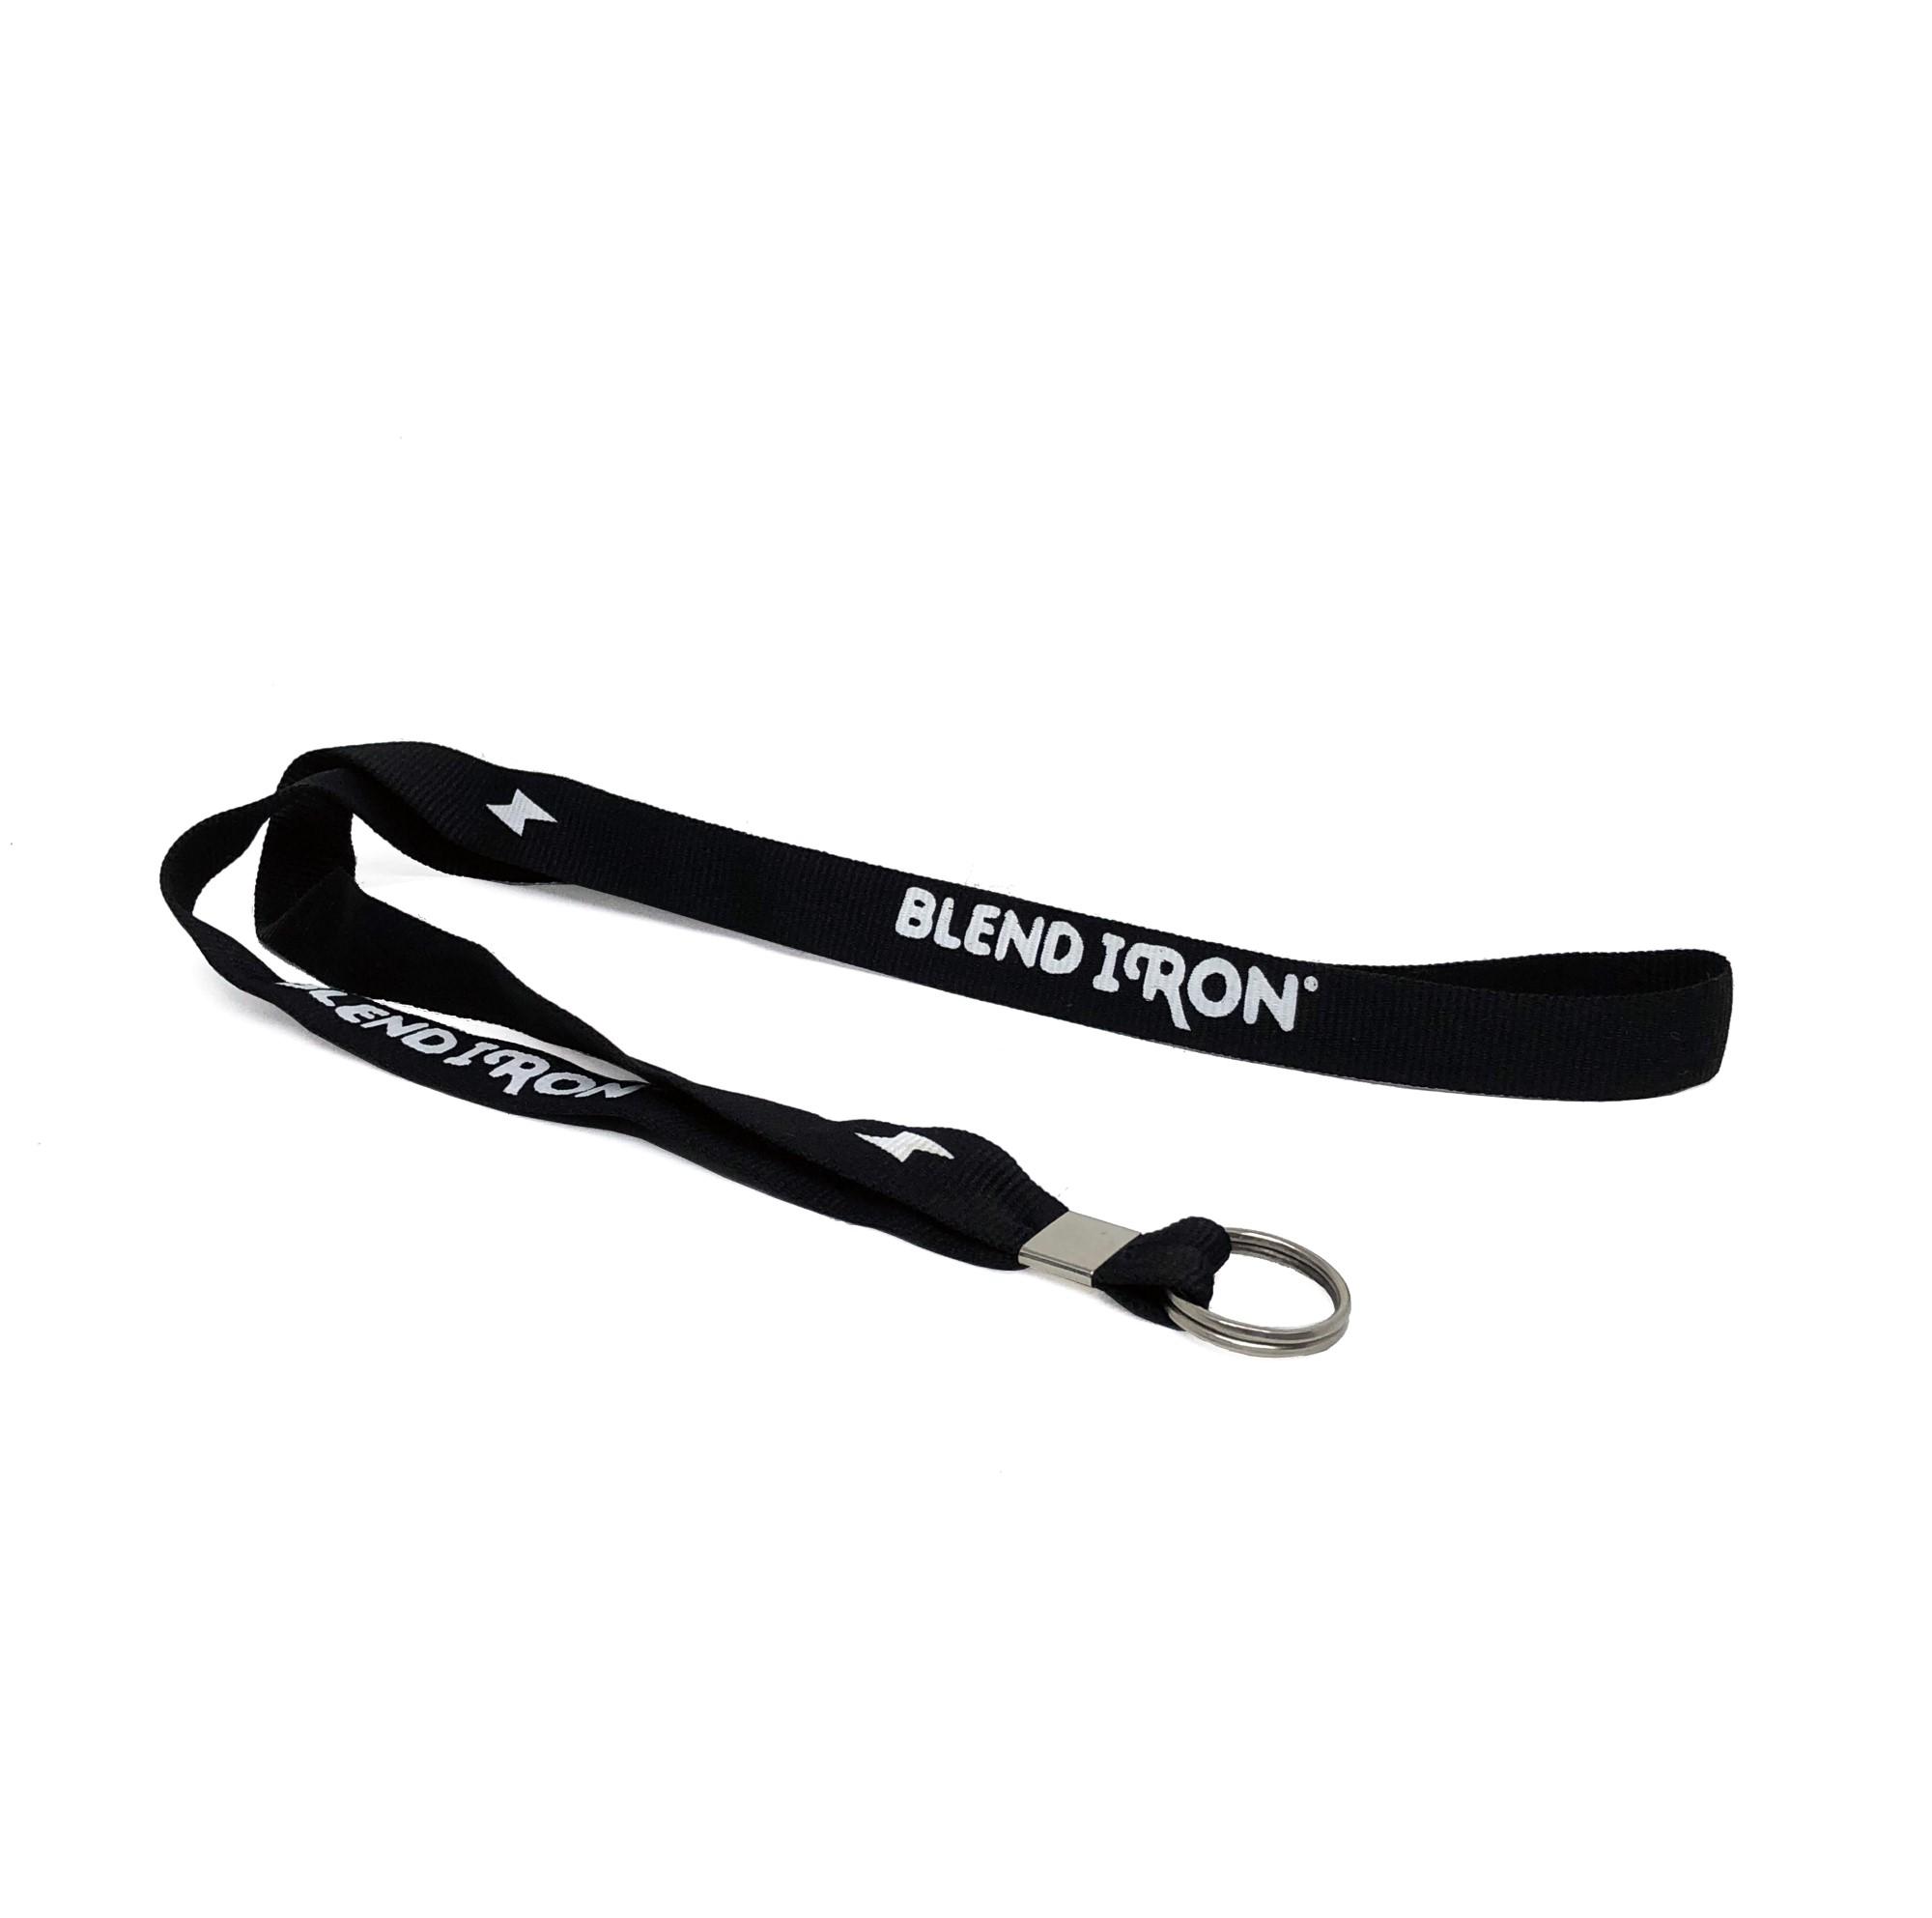 Cordão Chaveiro para Pescoço  | Blend Iron